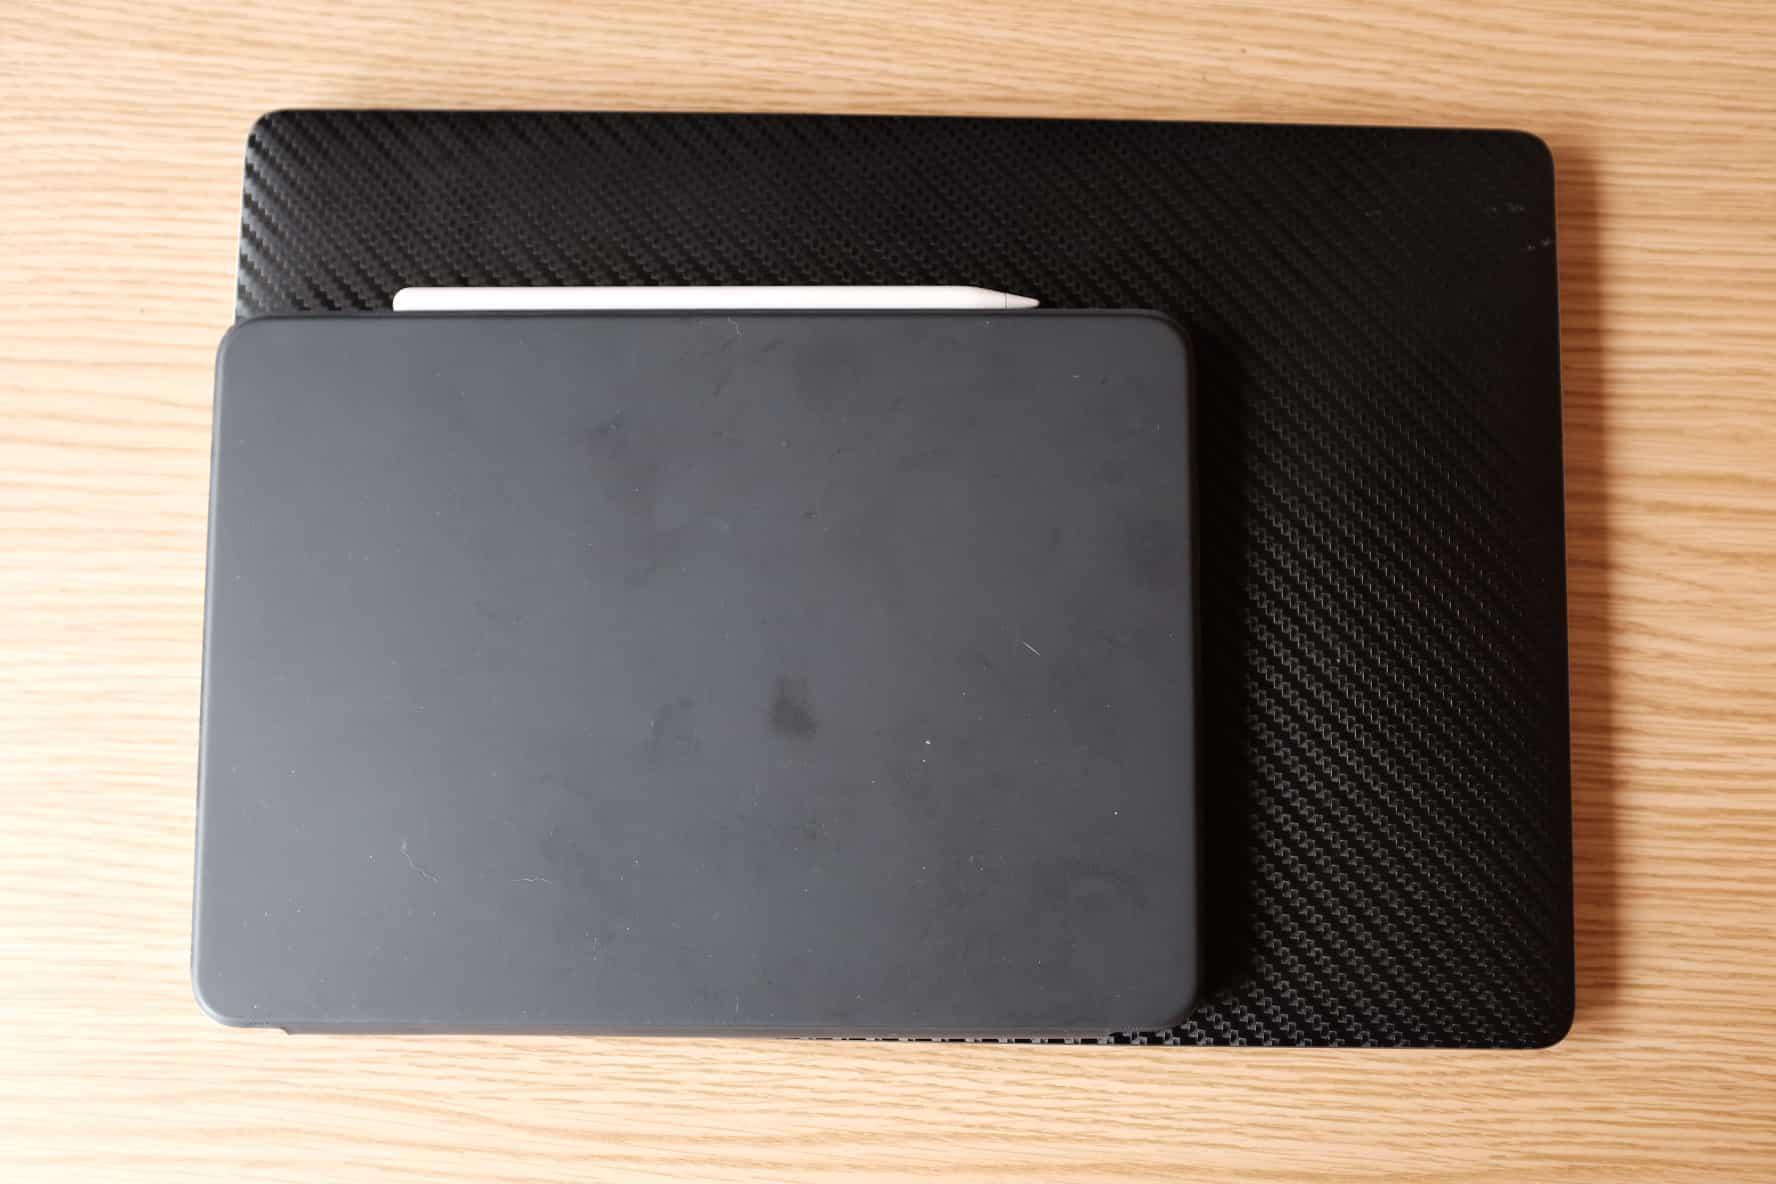 サラリーマンブロガーが使う11インチ iPad Pro!1ヶ月使用感レビュー!!